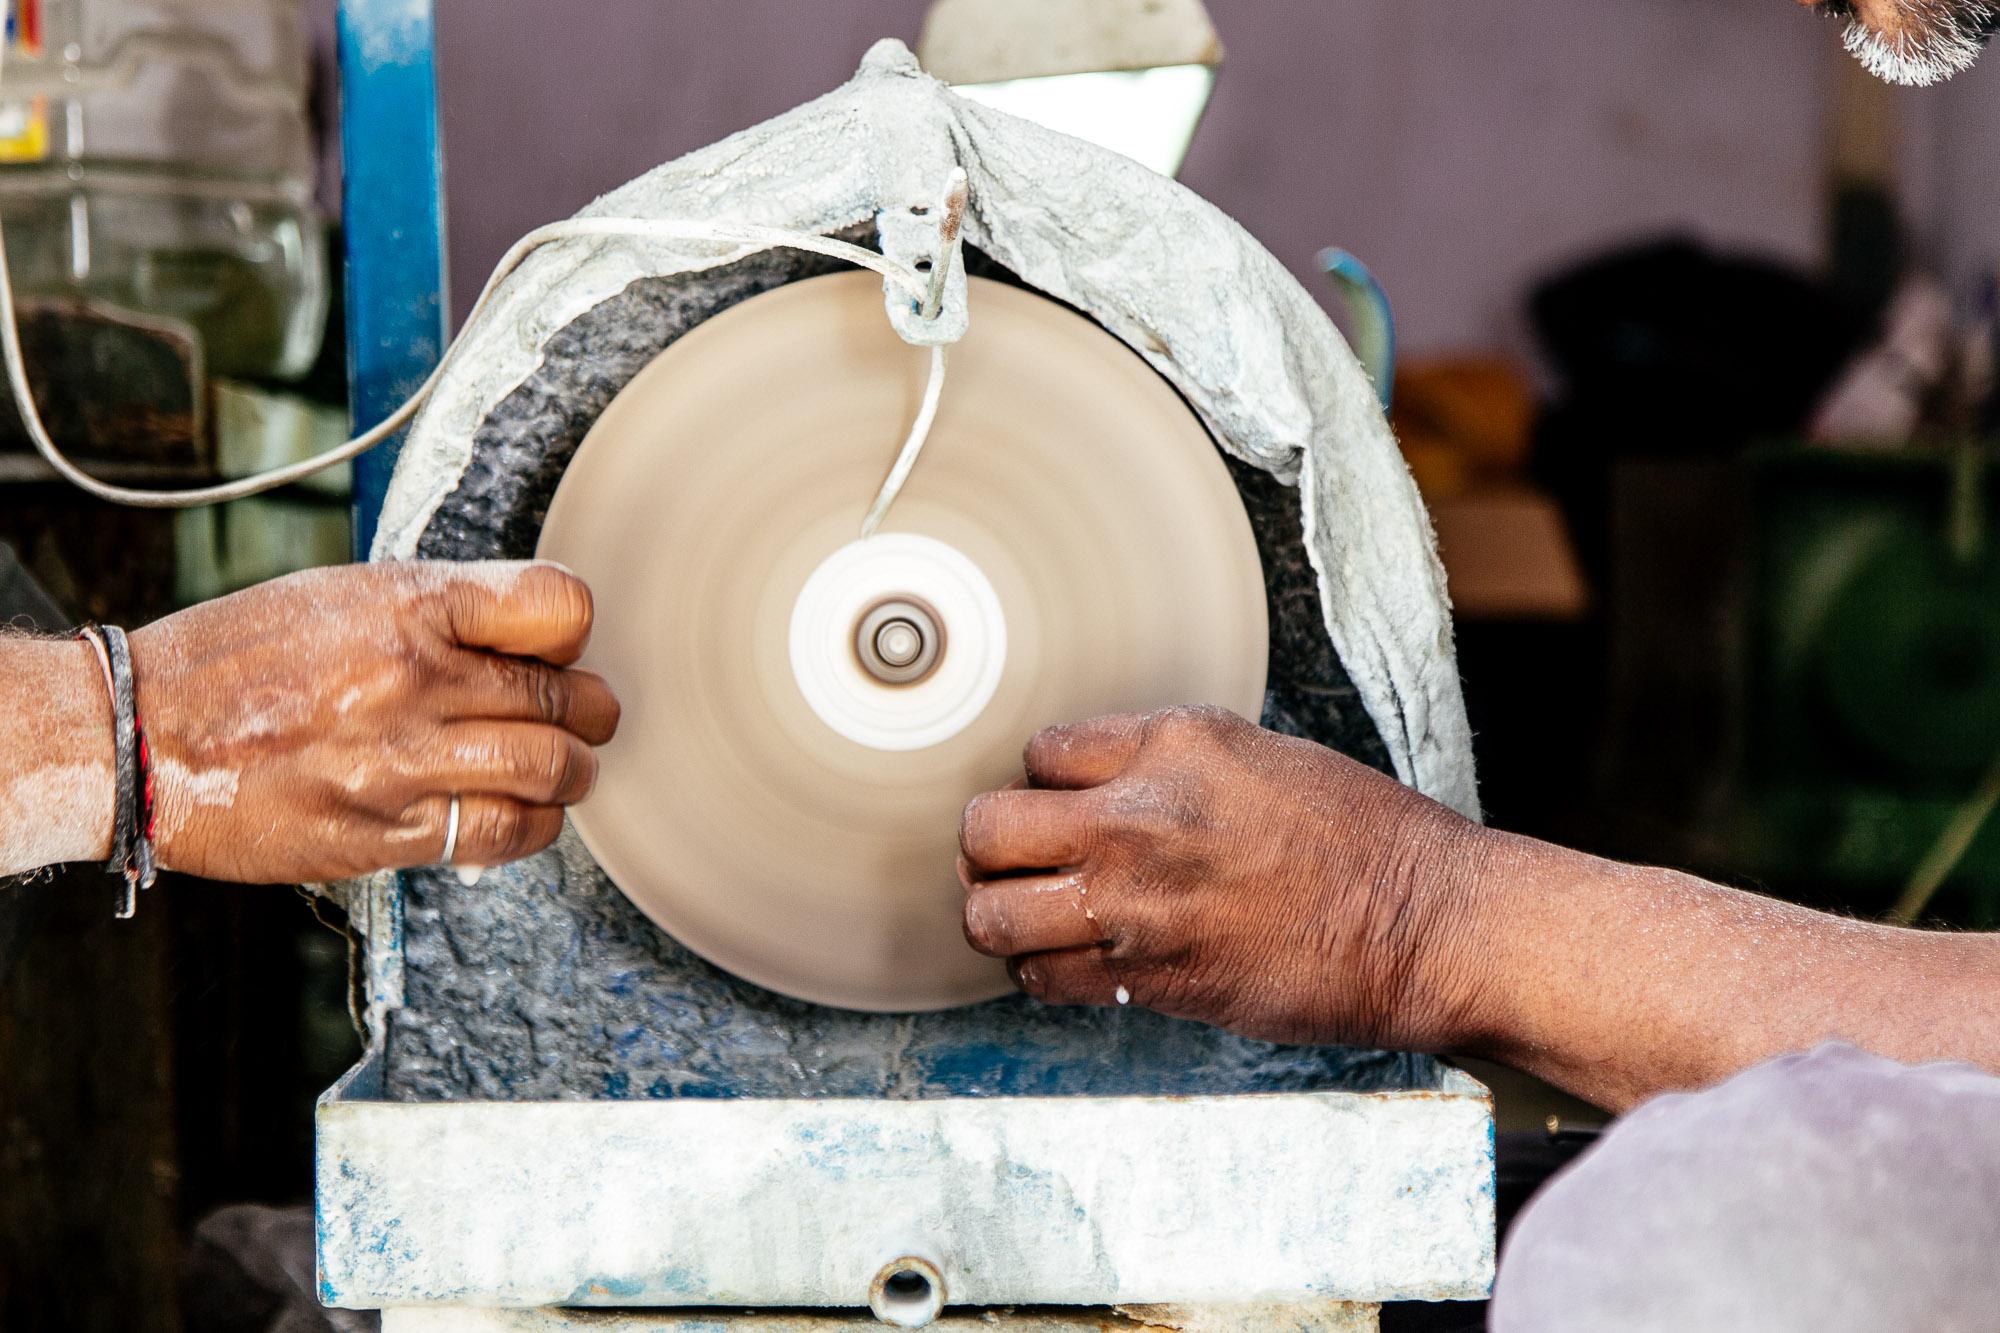 Made with love… - Nous travaillons avec des artisans de qualité qui exercent leur don avec amour. Nous sommes au service du monde minéral et nous donnons vie à des pierres qui ne demandent qu'une chose: être portées et aimées.